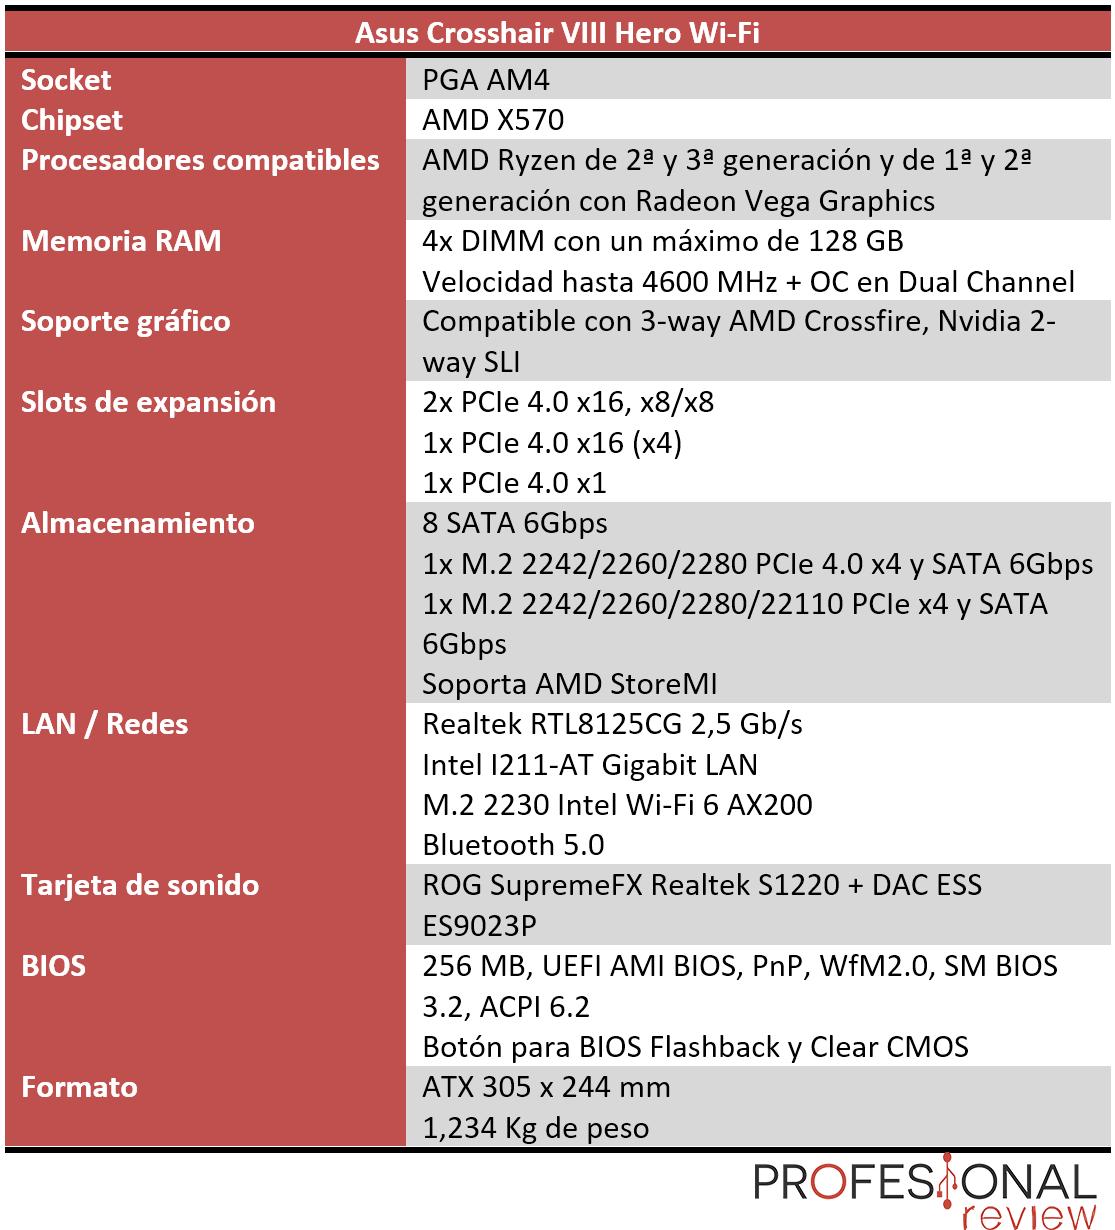 Asus ROG Crosshair VIII Hero Wi-Fi características